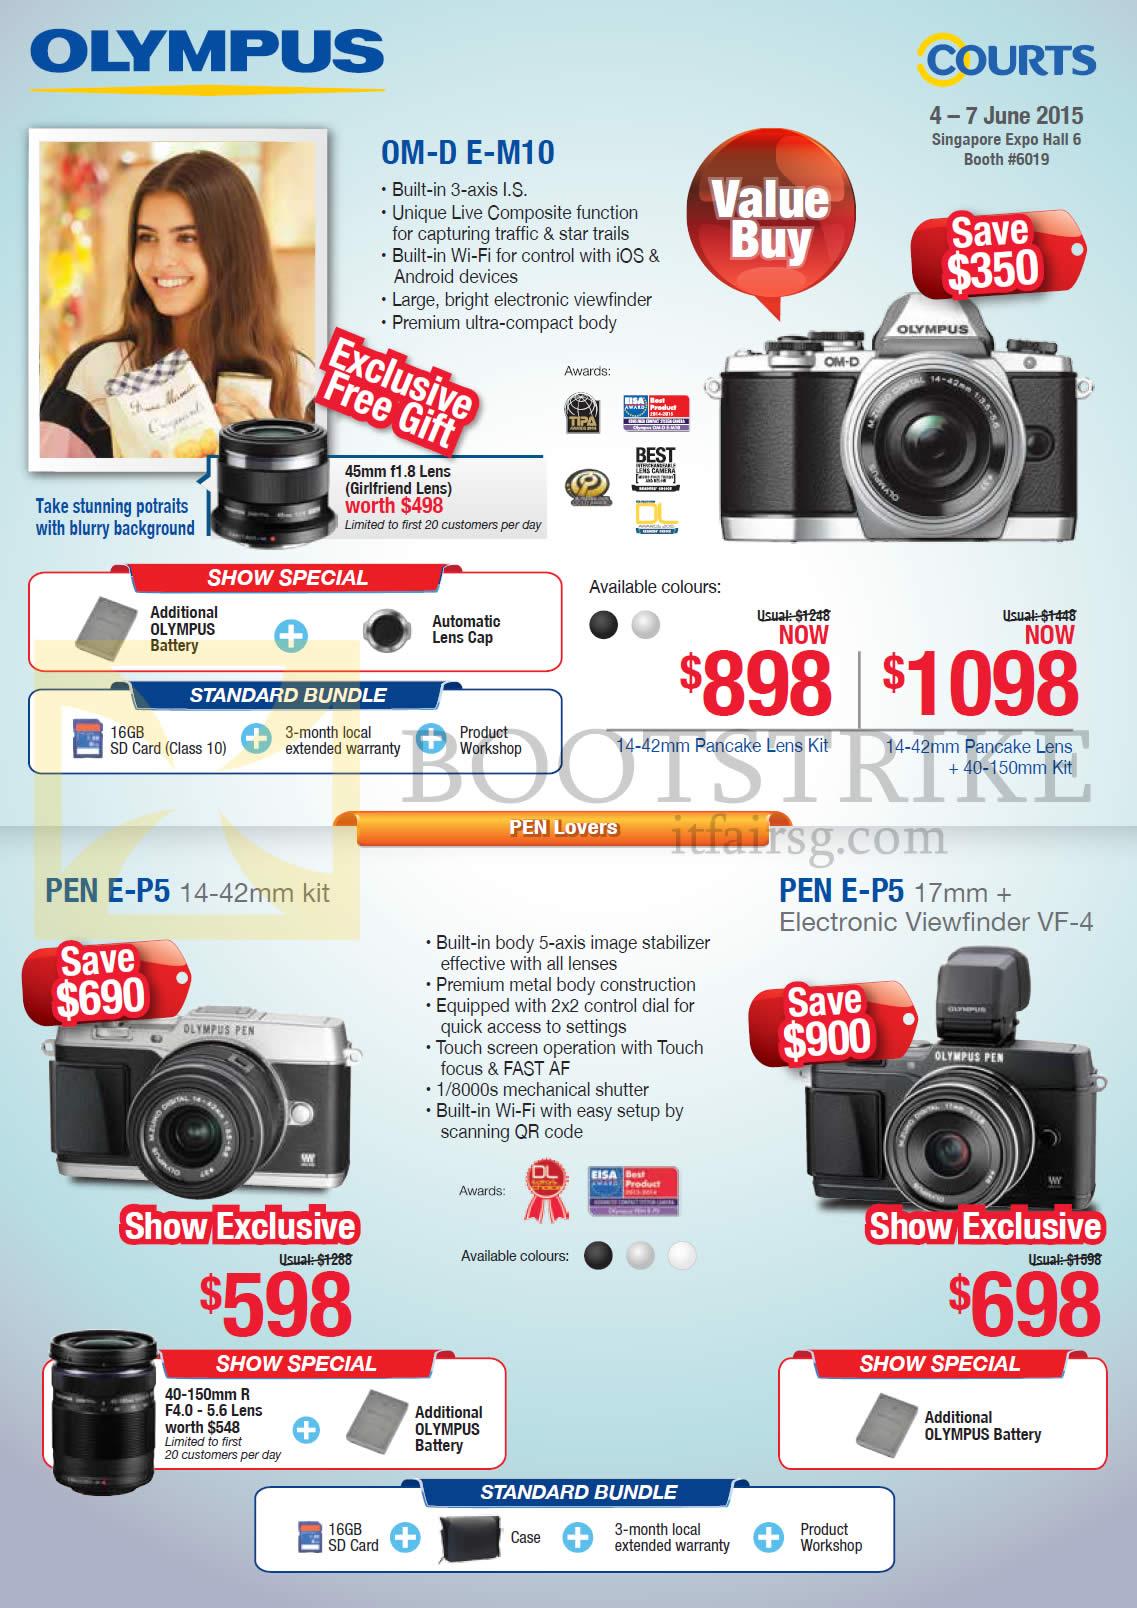 Olympus Digital Cameras OM-D E-M10, Pen E-P5, Pen E-P5